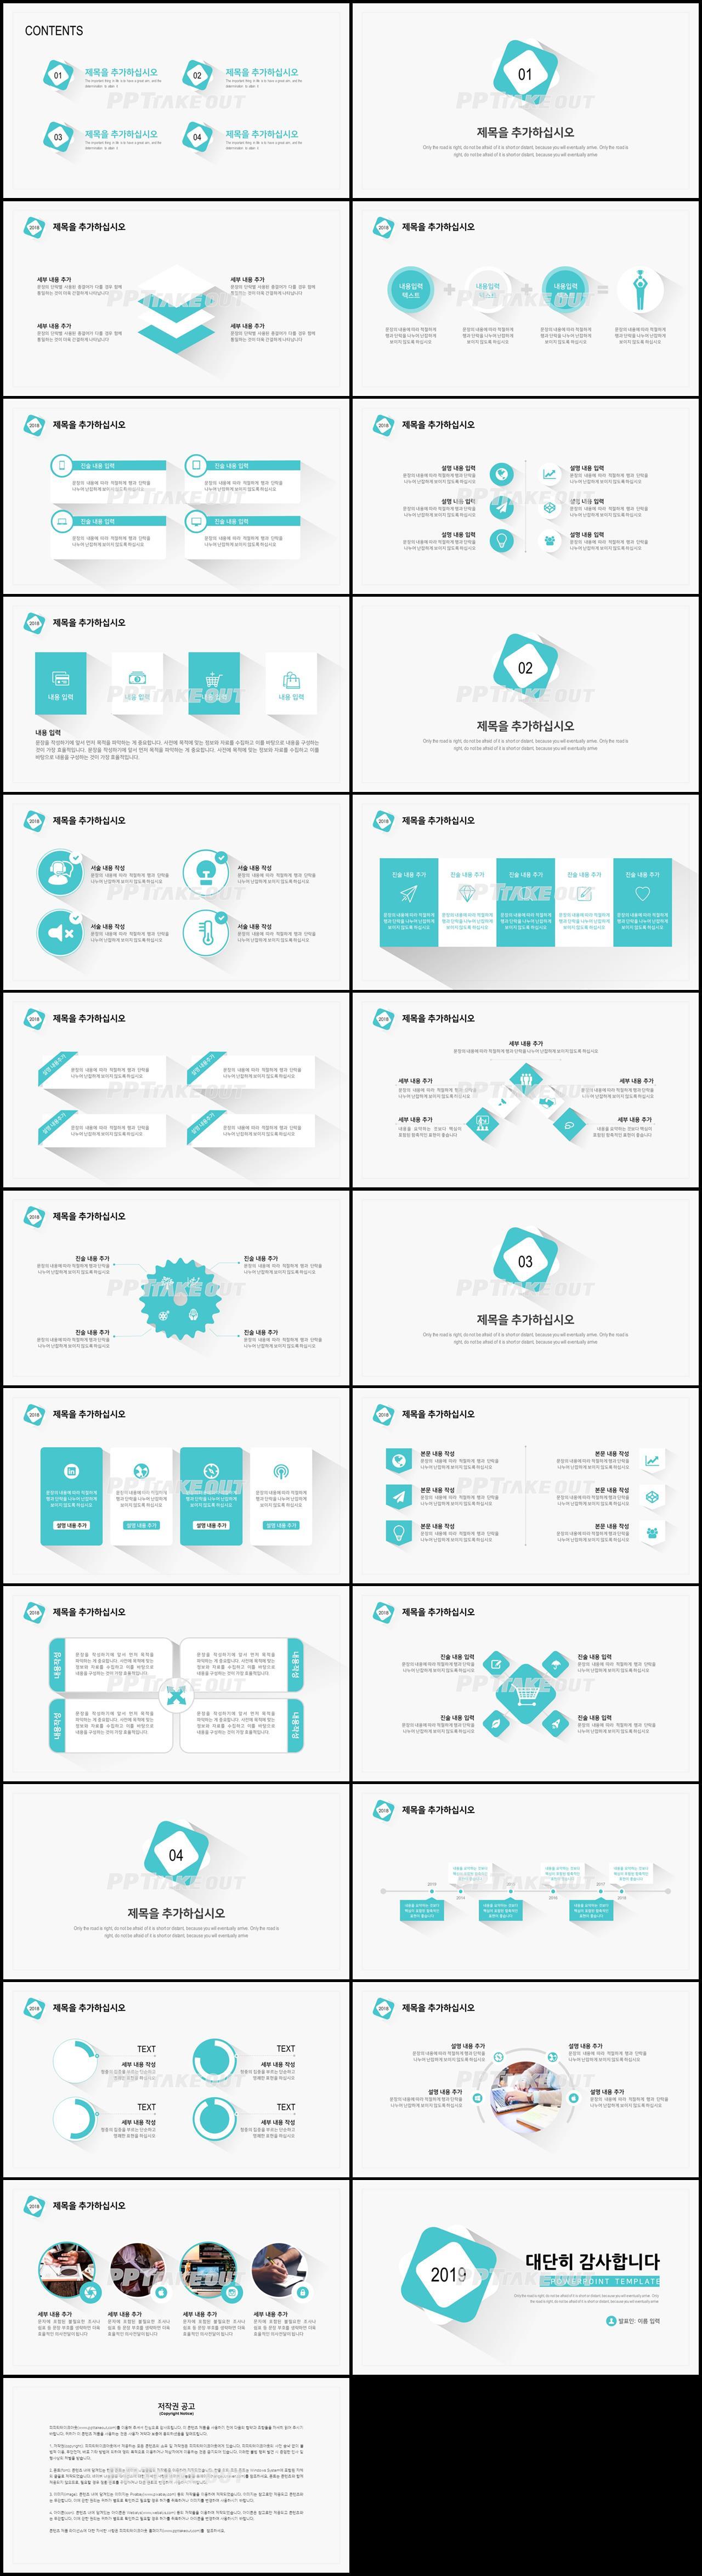 사업융자 파란색 단출한 고퀄리티 POWERPOINT템플릿 제작 상세보기